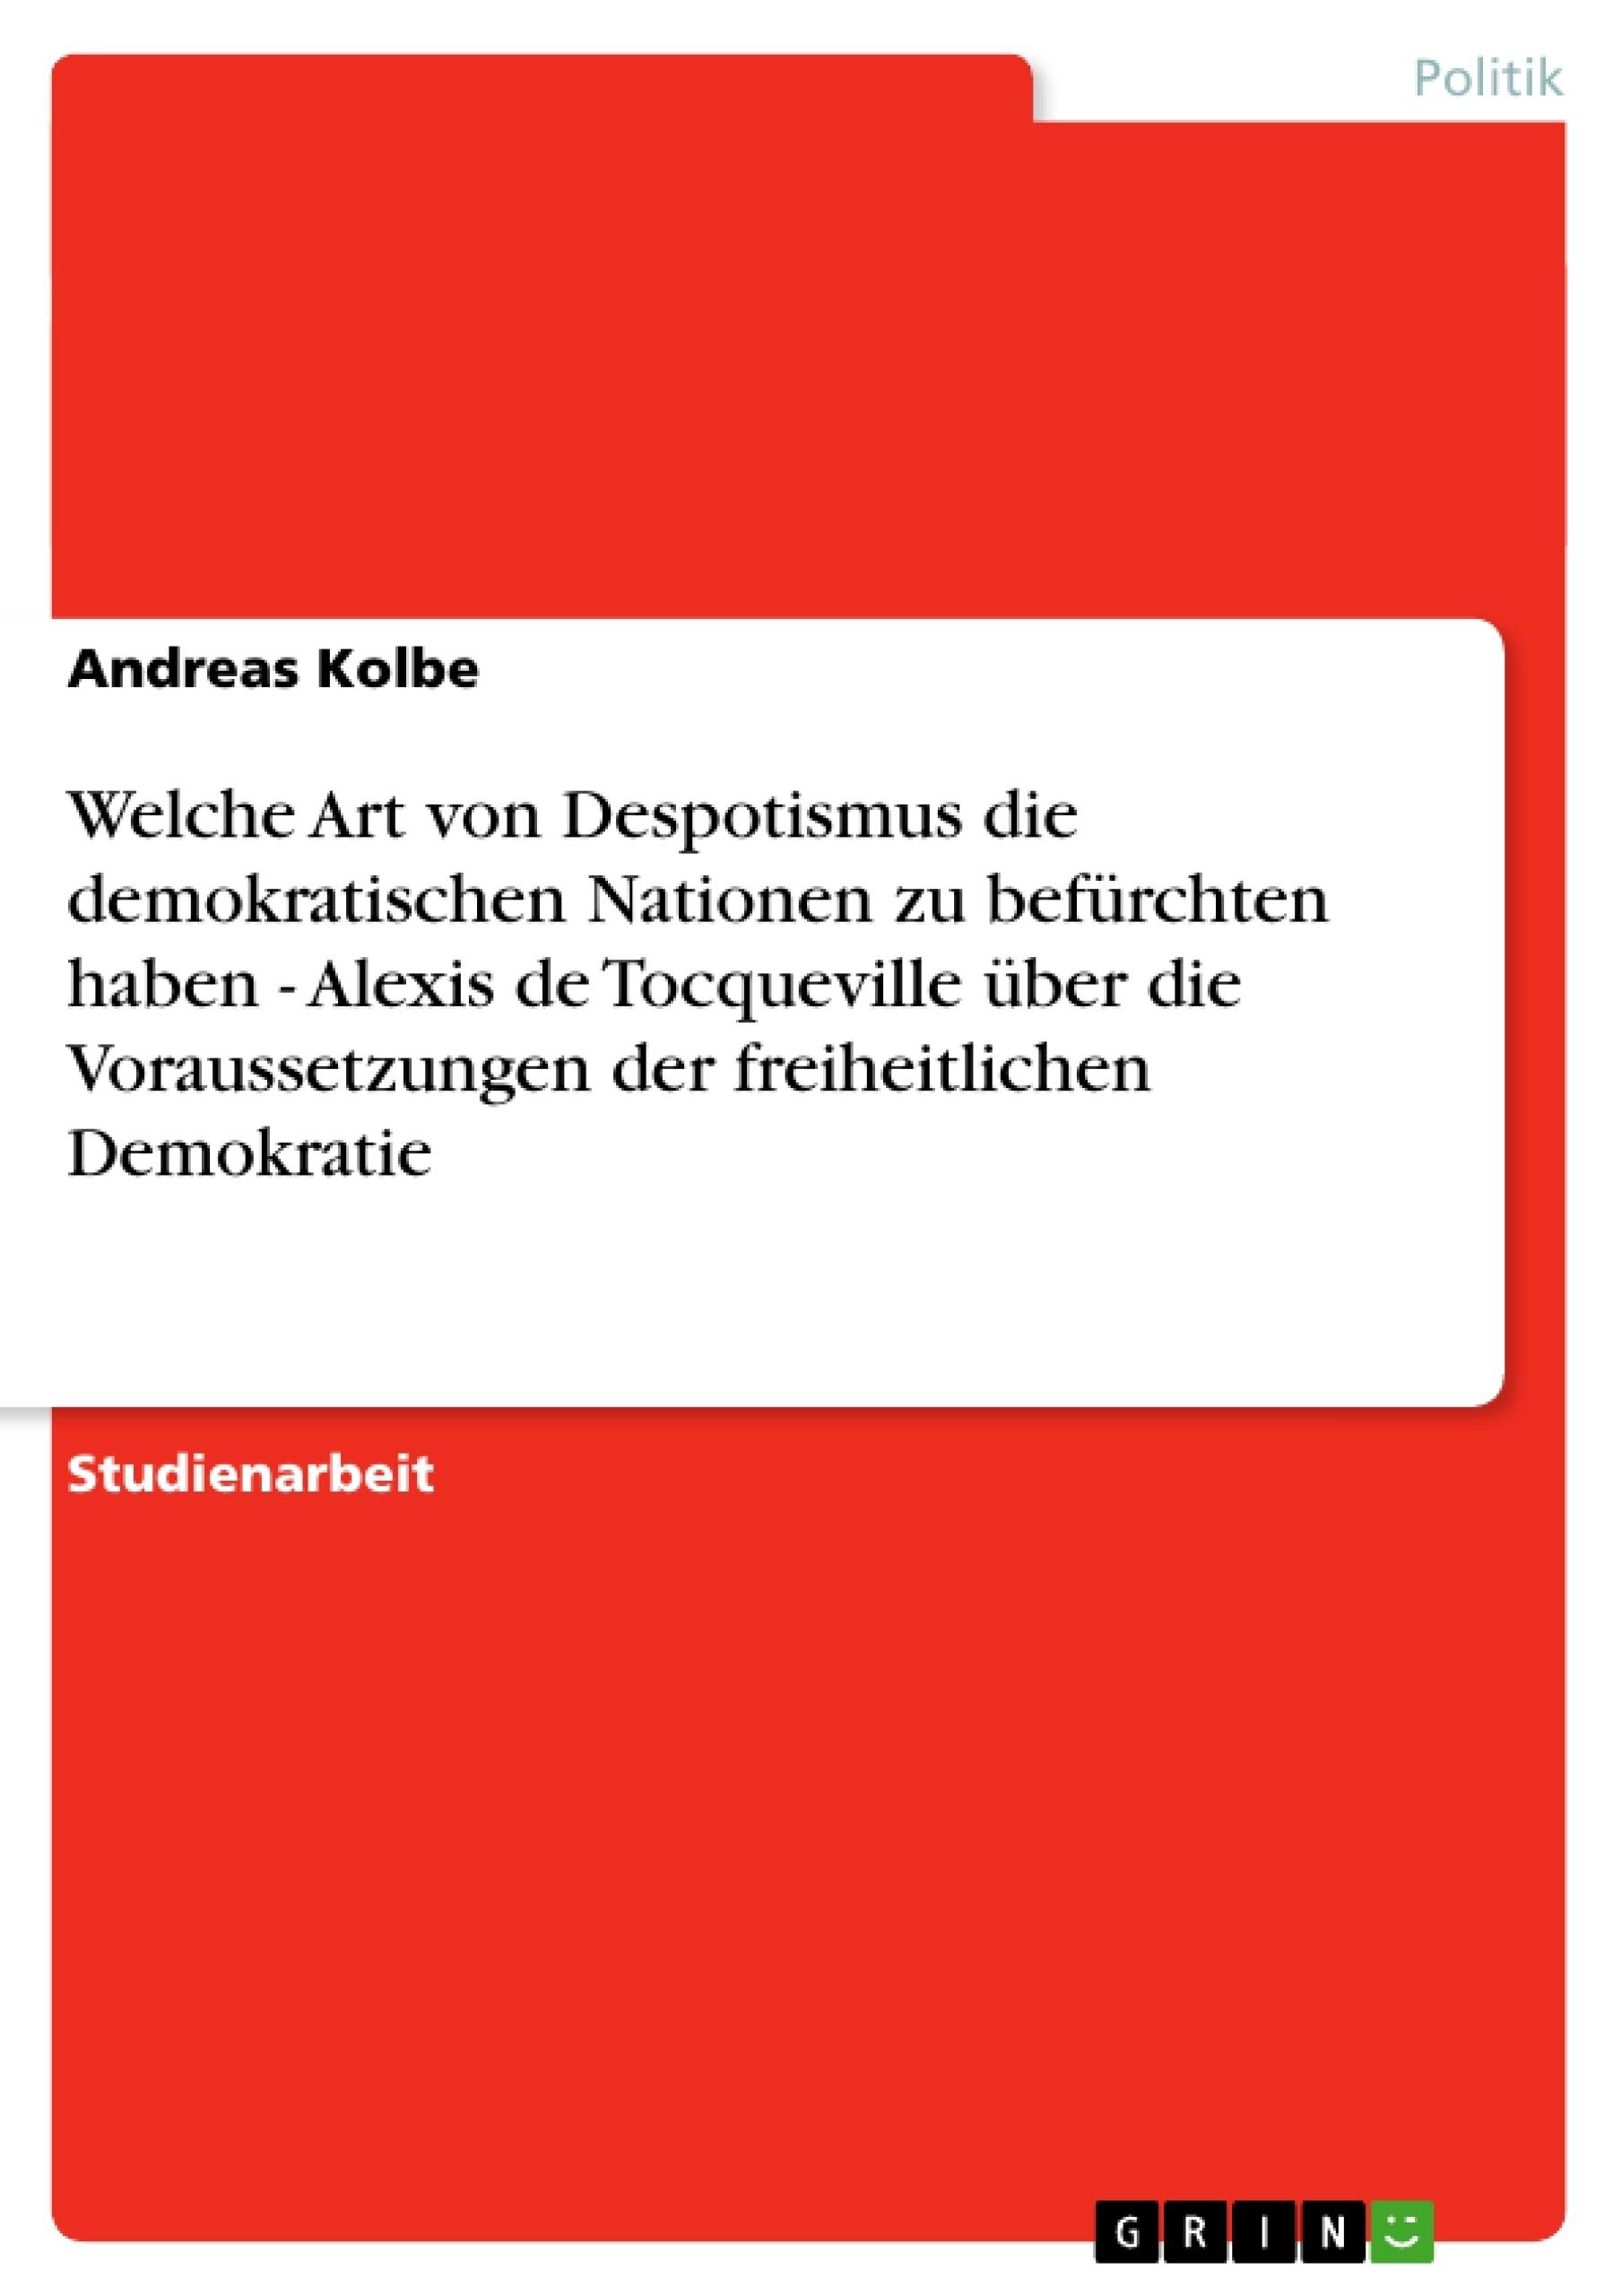 Titel: Welche Art von Despotismus die demokratischen Nationen zu befürchten haben - Alexis de Tocqueville über die Voraussetzungen der freiheitlichen Demokratie